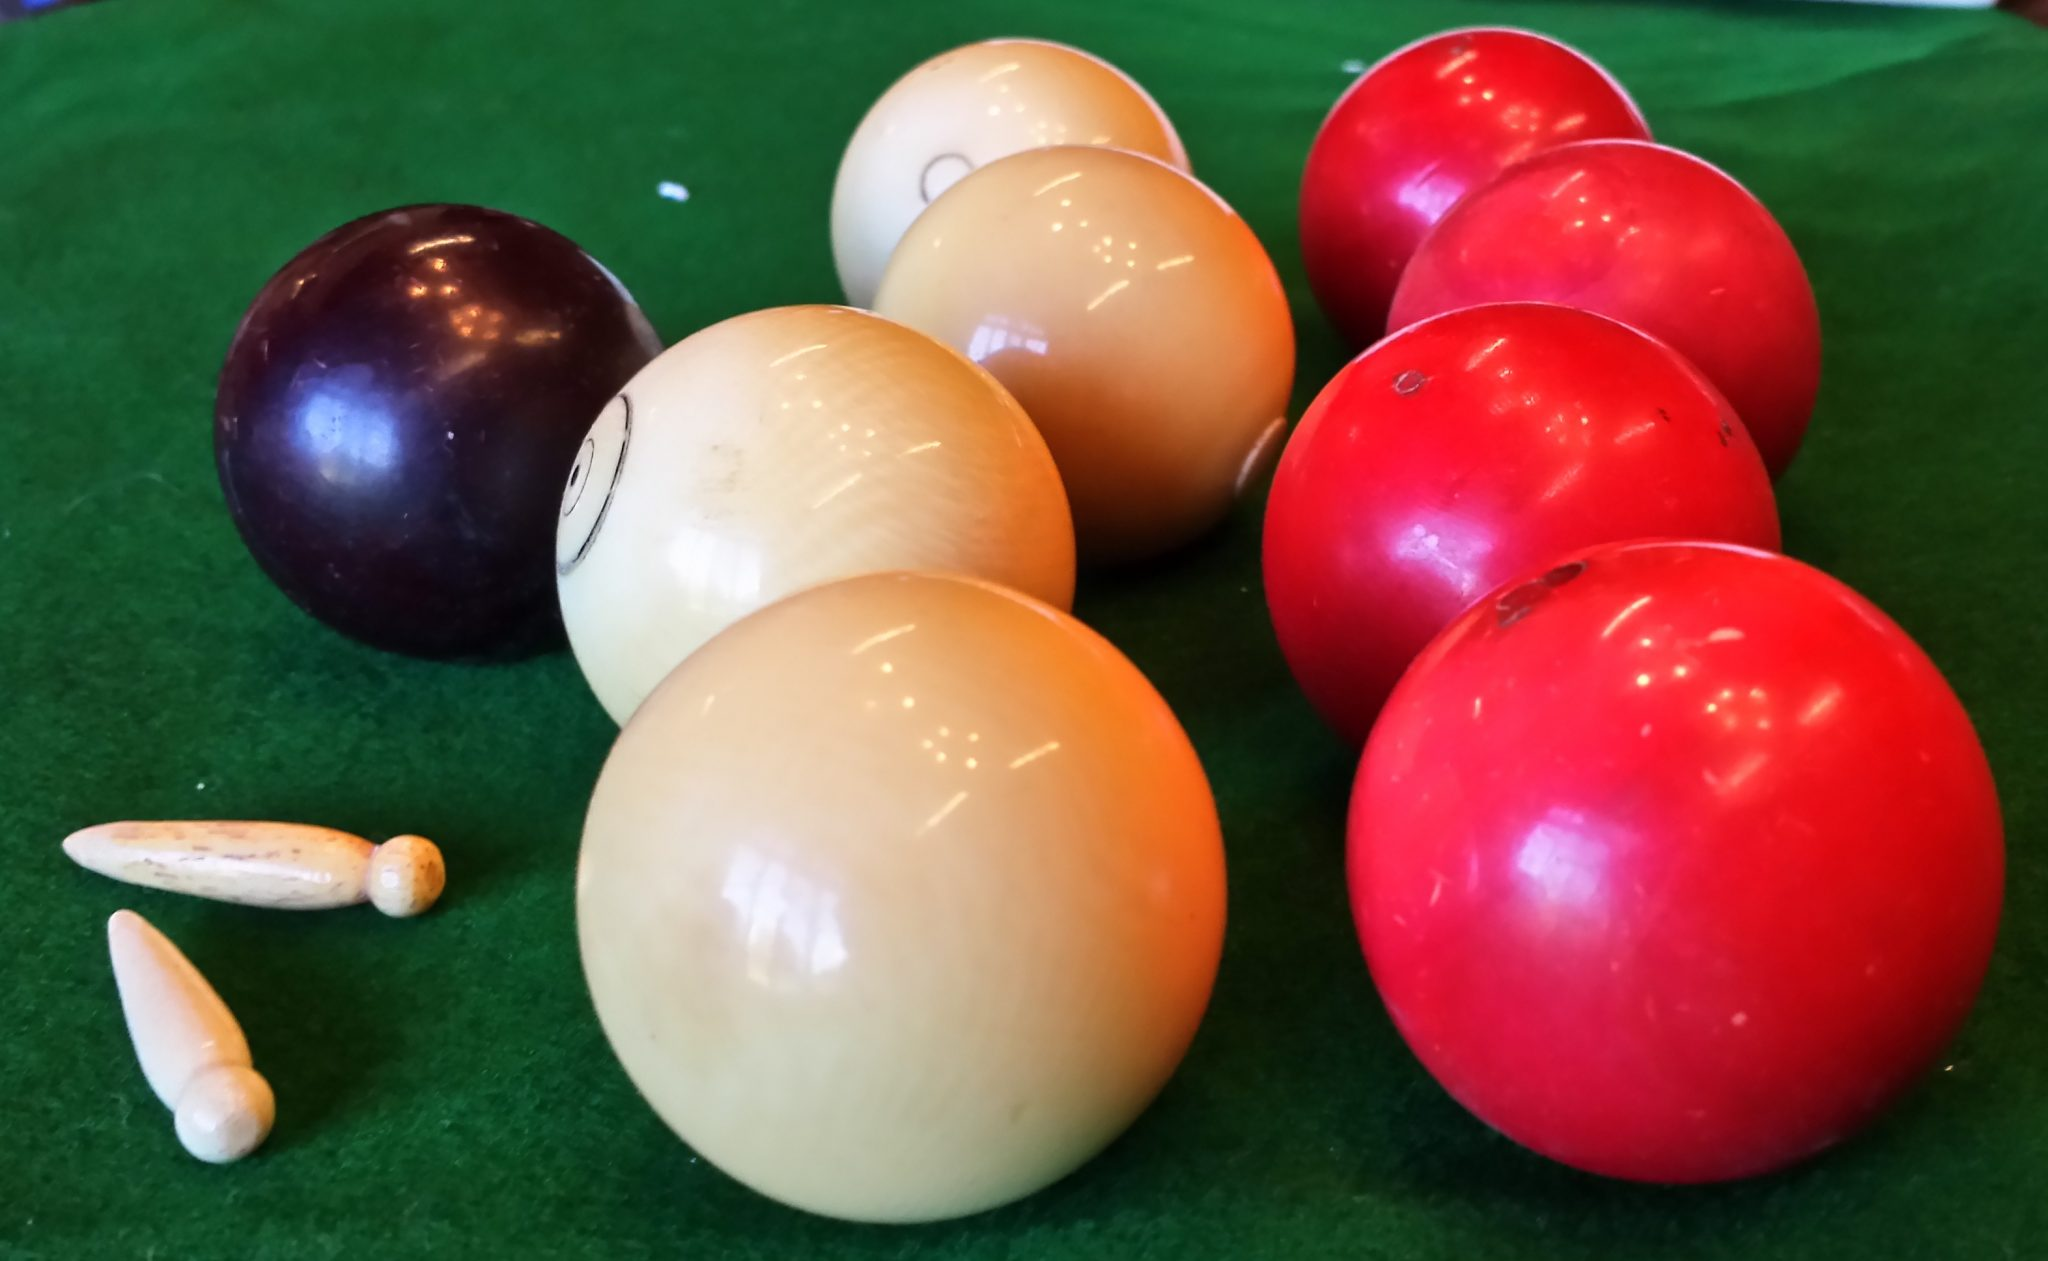 Antique bagatelle balls